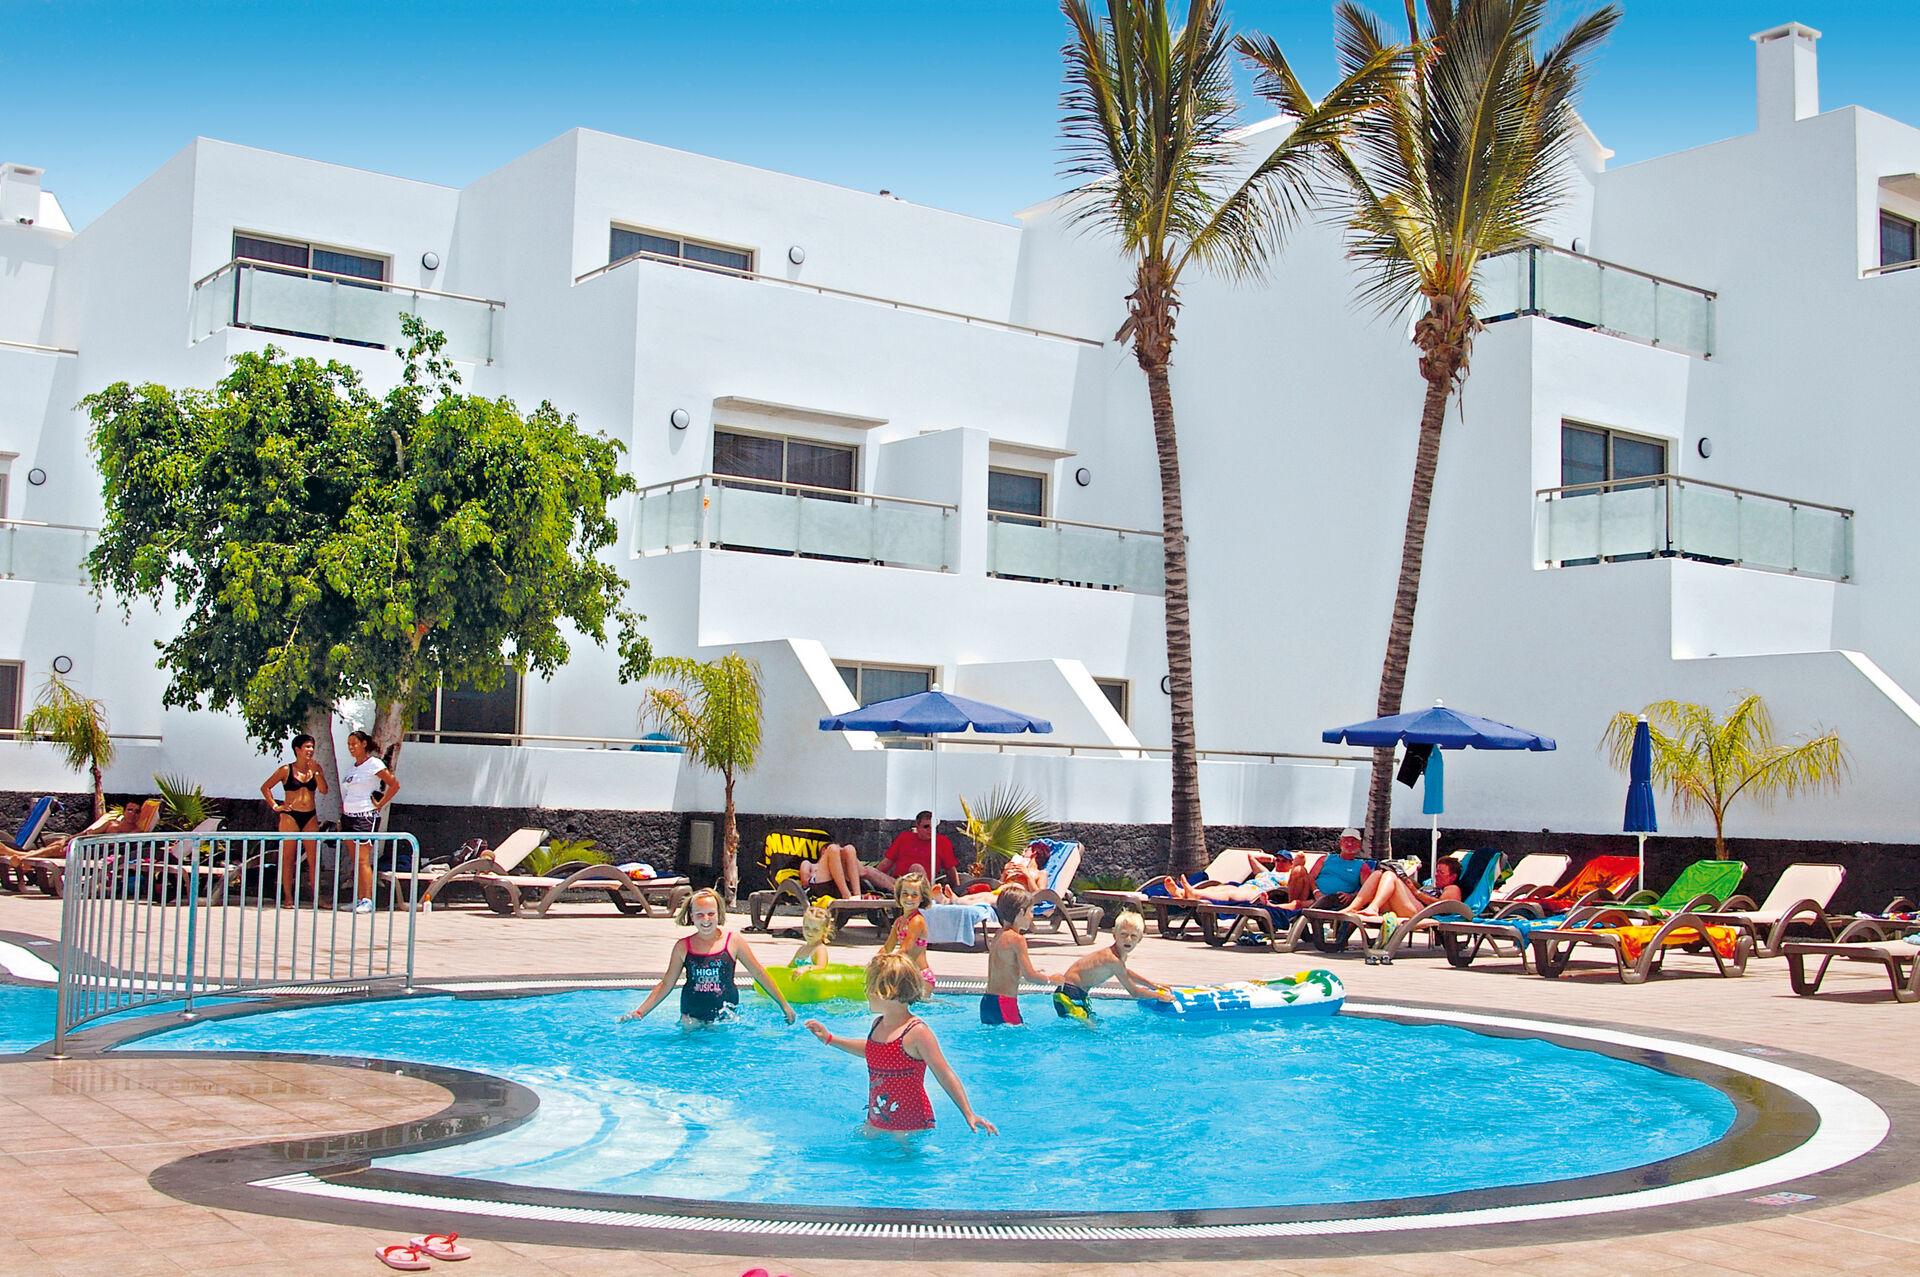 Séjour Lanzarote - Lanzarote Village - 4*